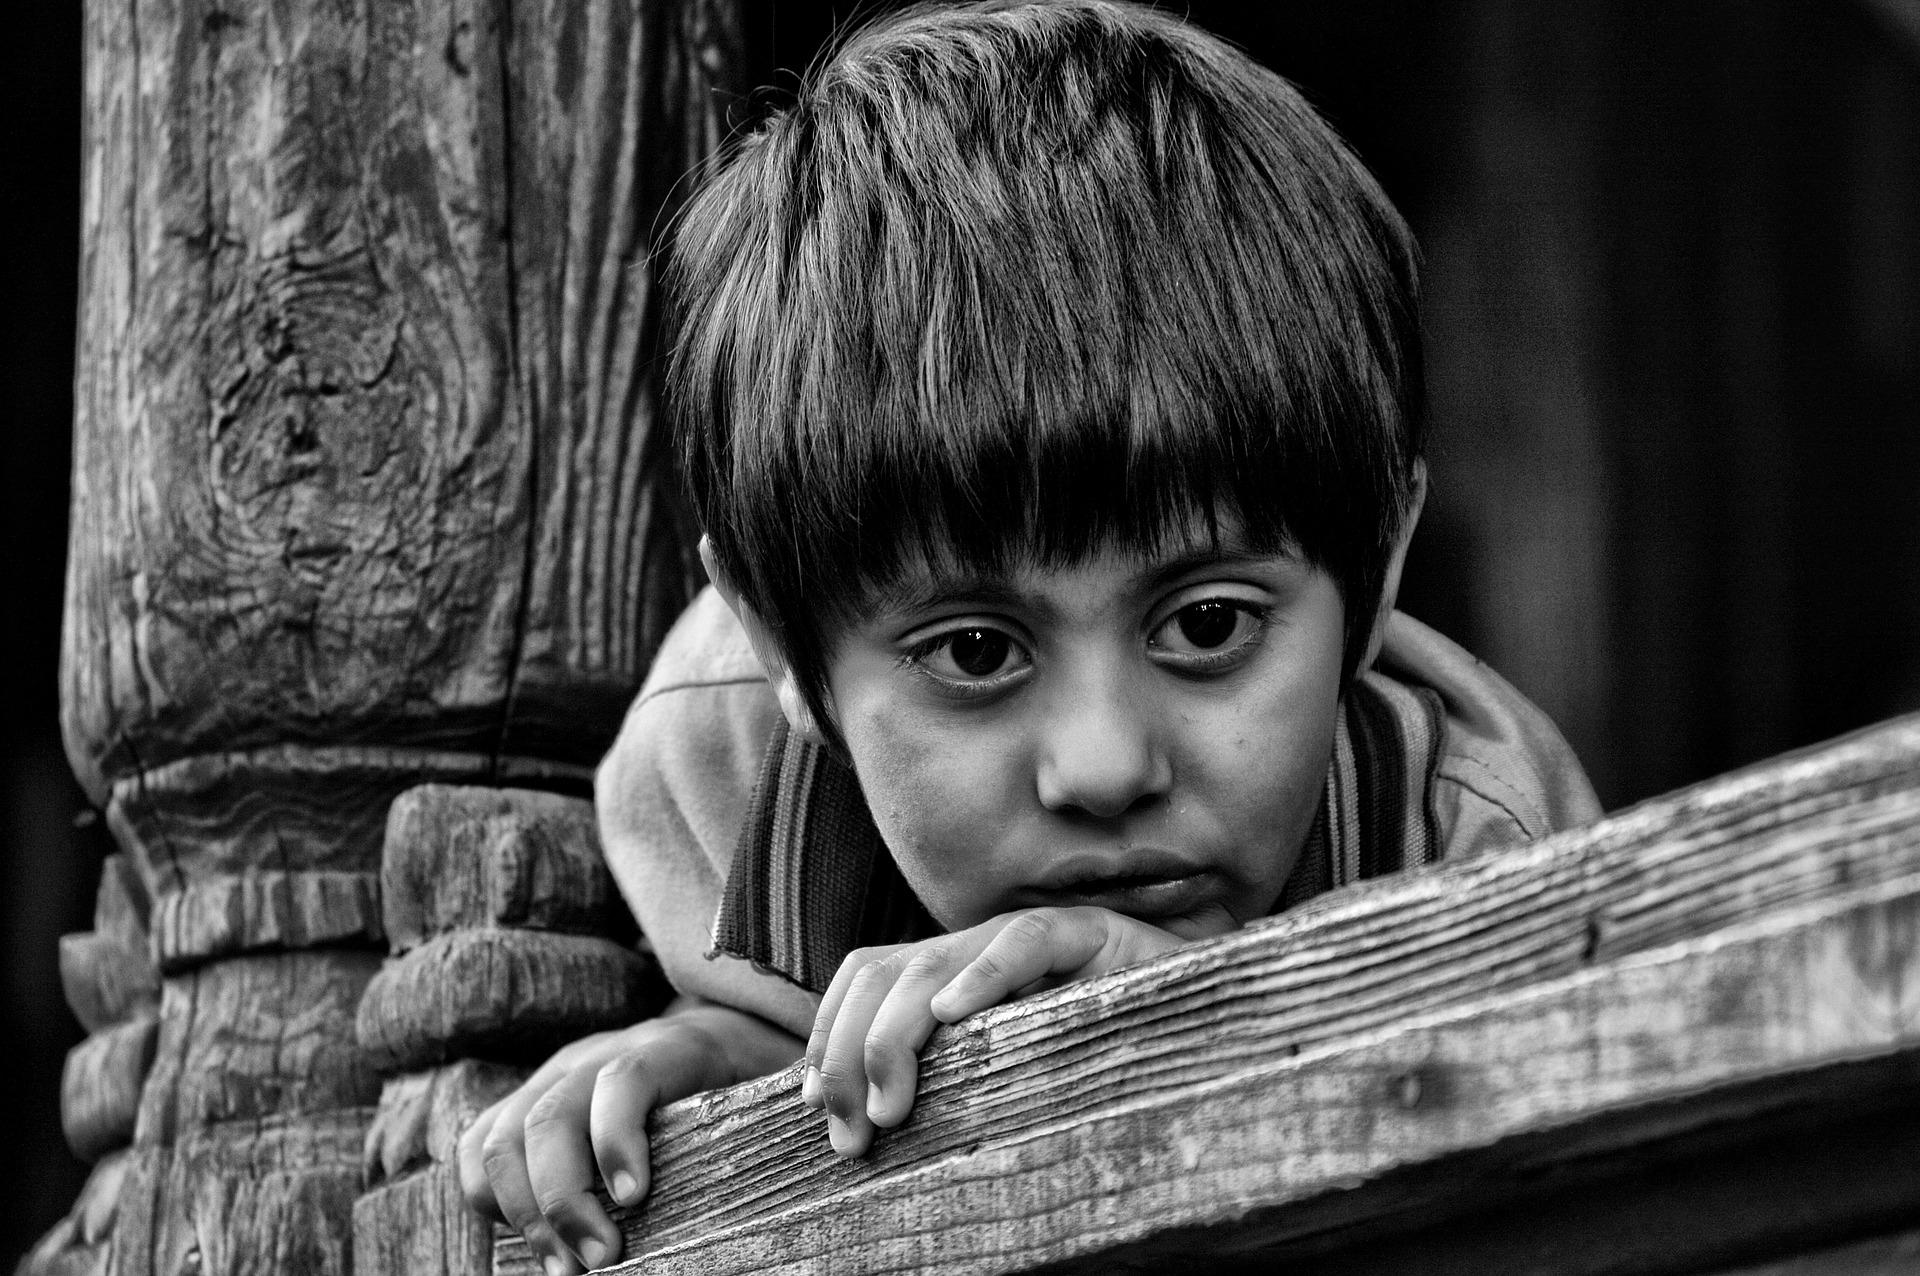 子供が死ぬ夢を見る意味や心理状態まとめ!不吉に思えるが実は良い暗示?